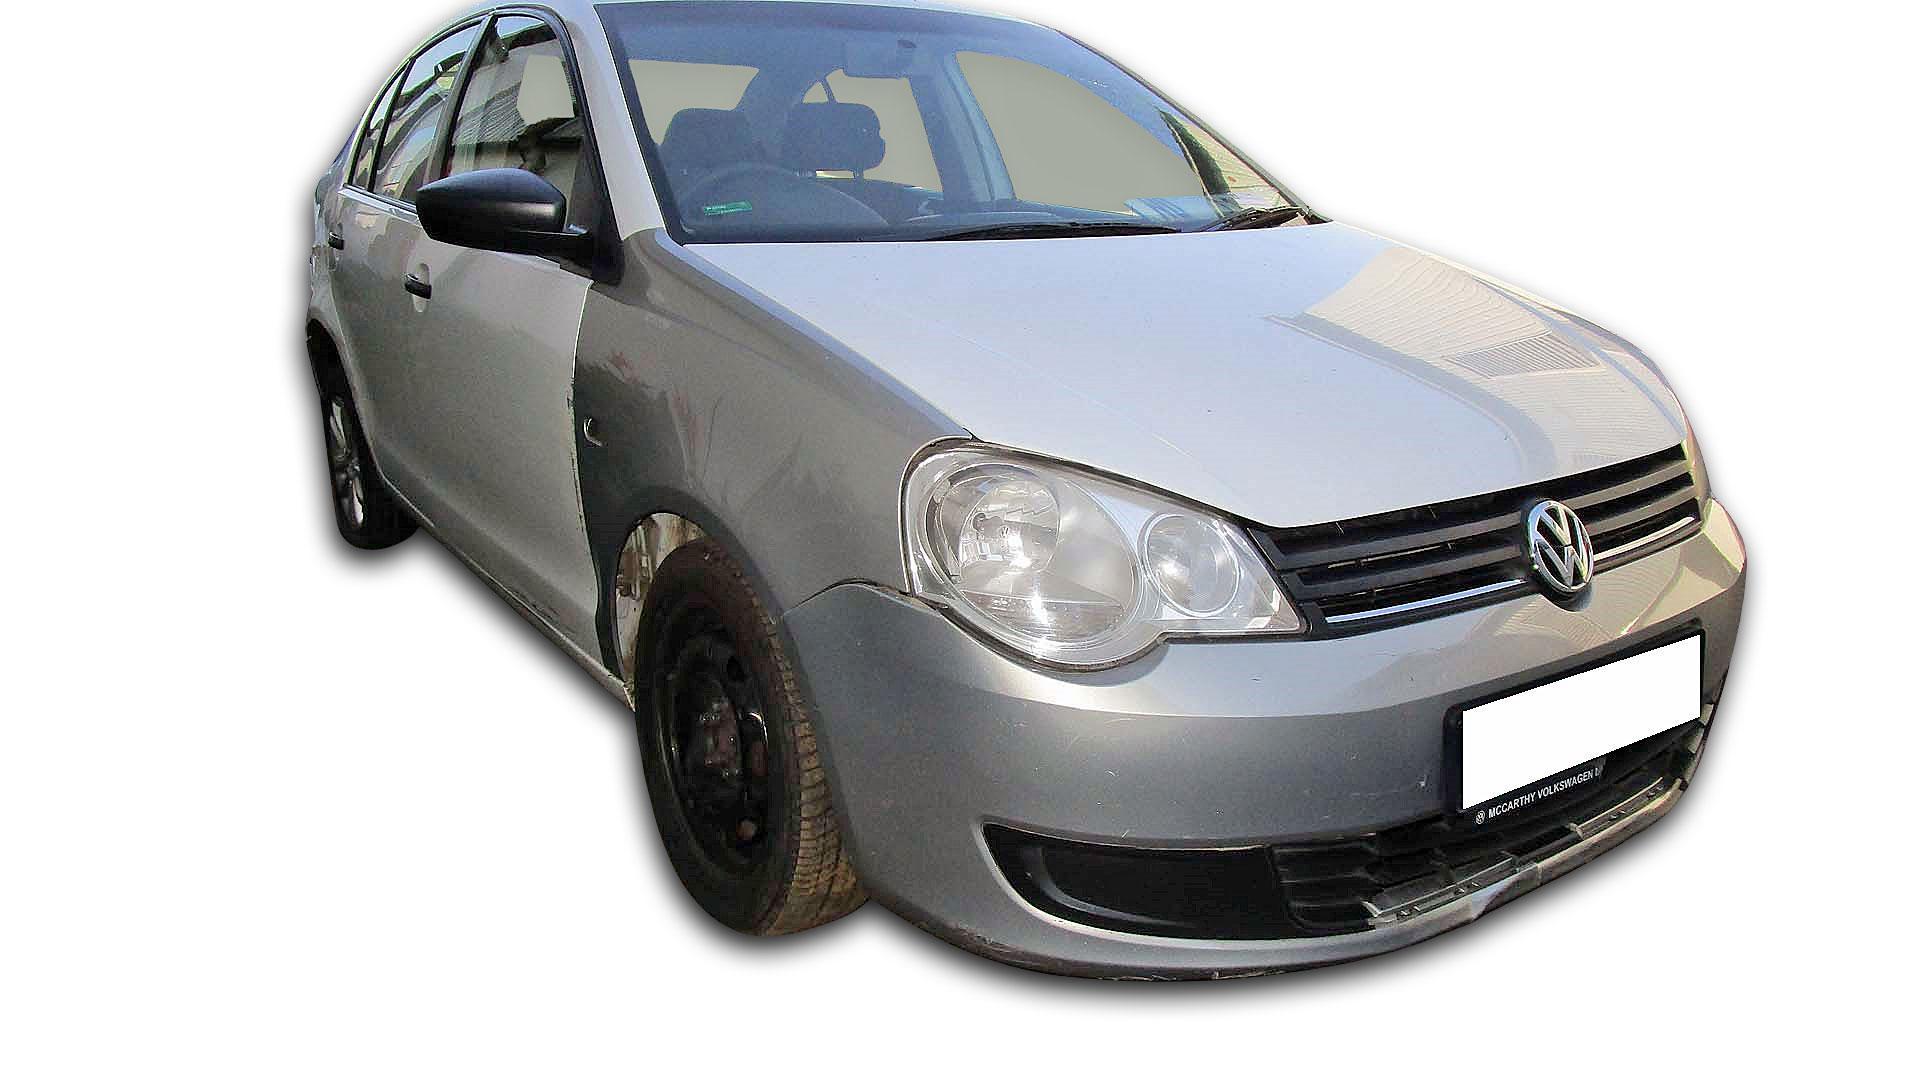 VW Polo Vivo GP 1.4 Comfortline